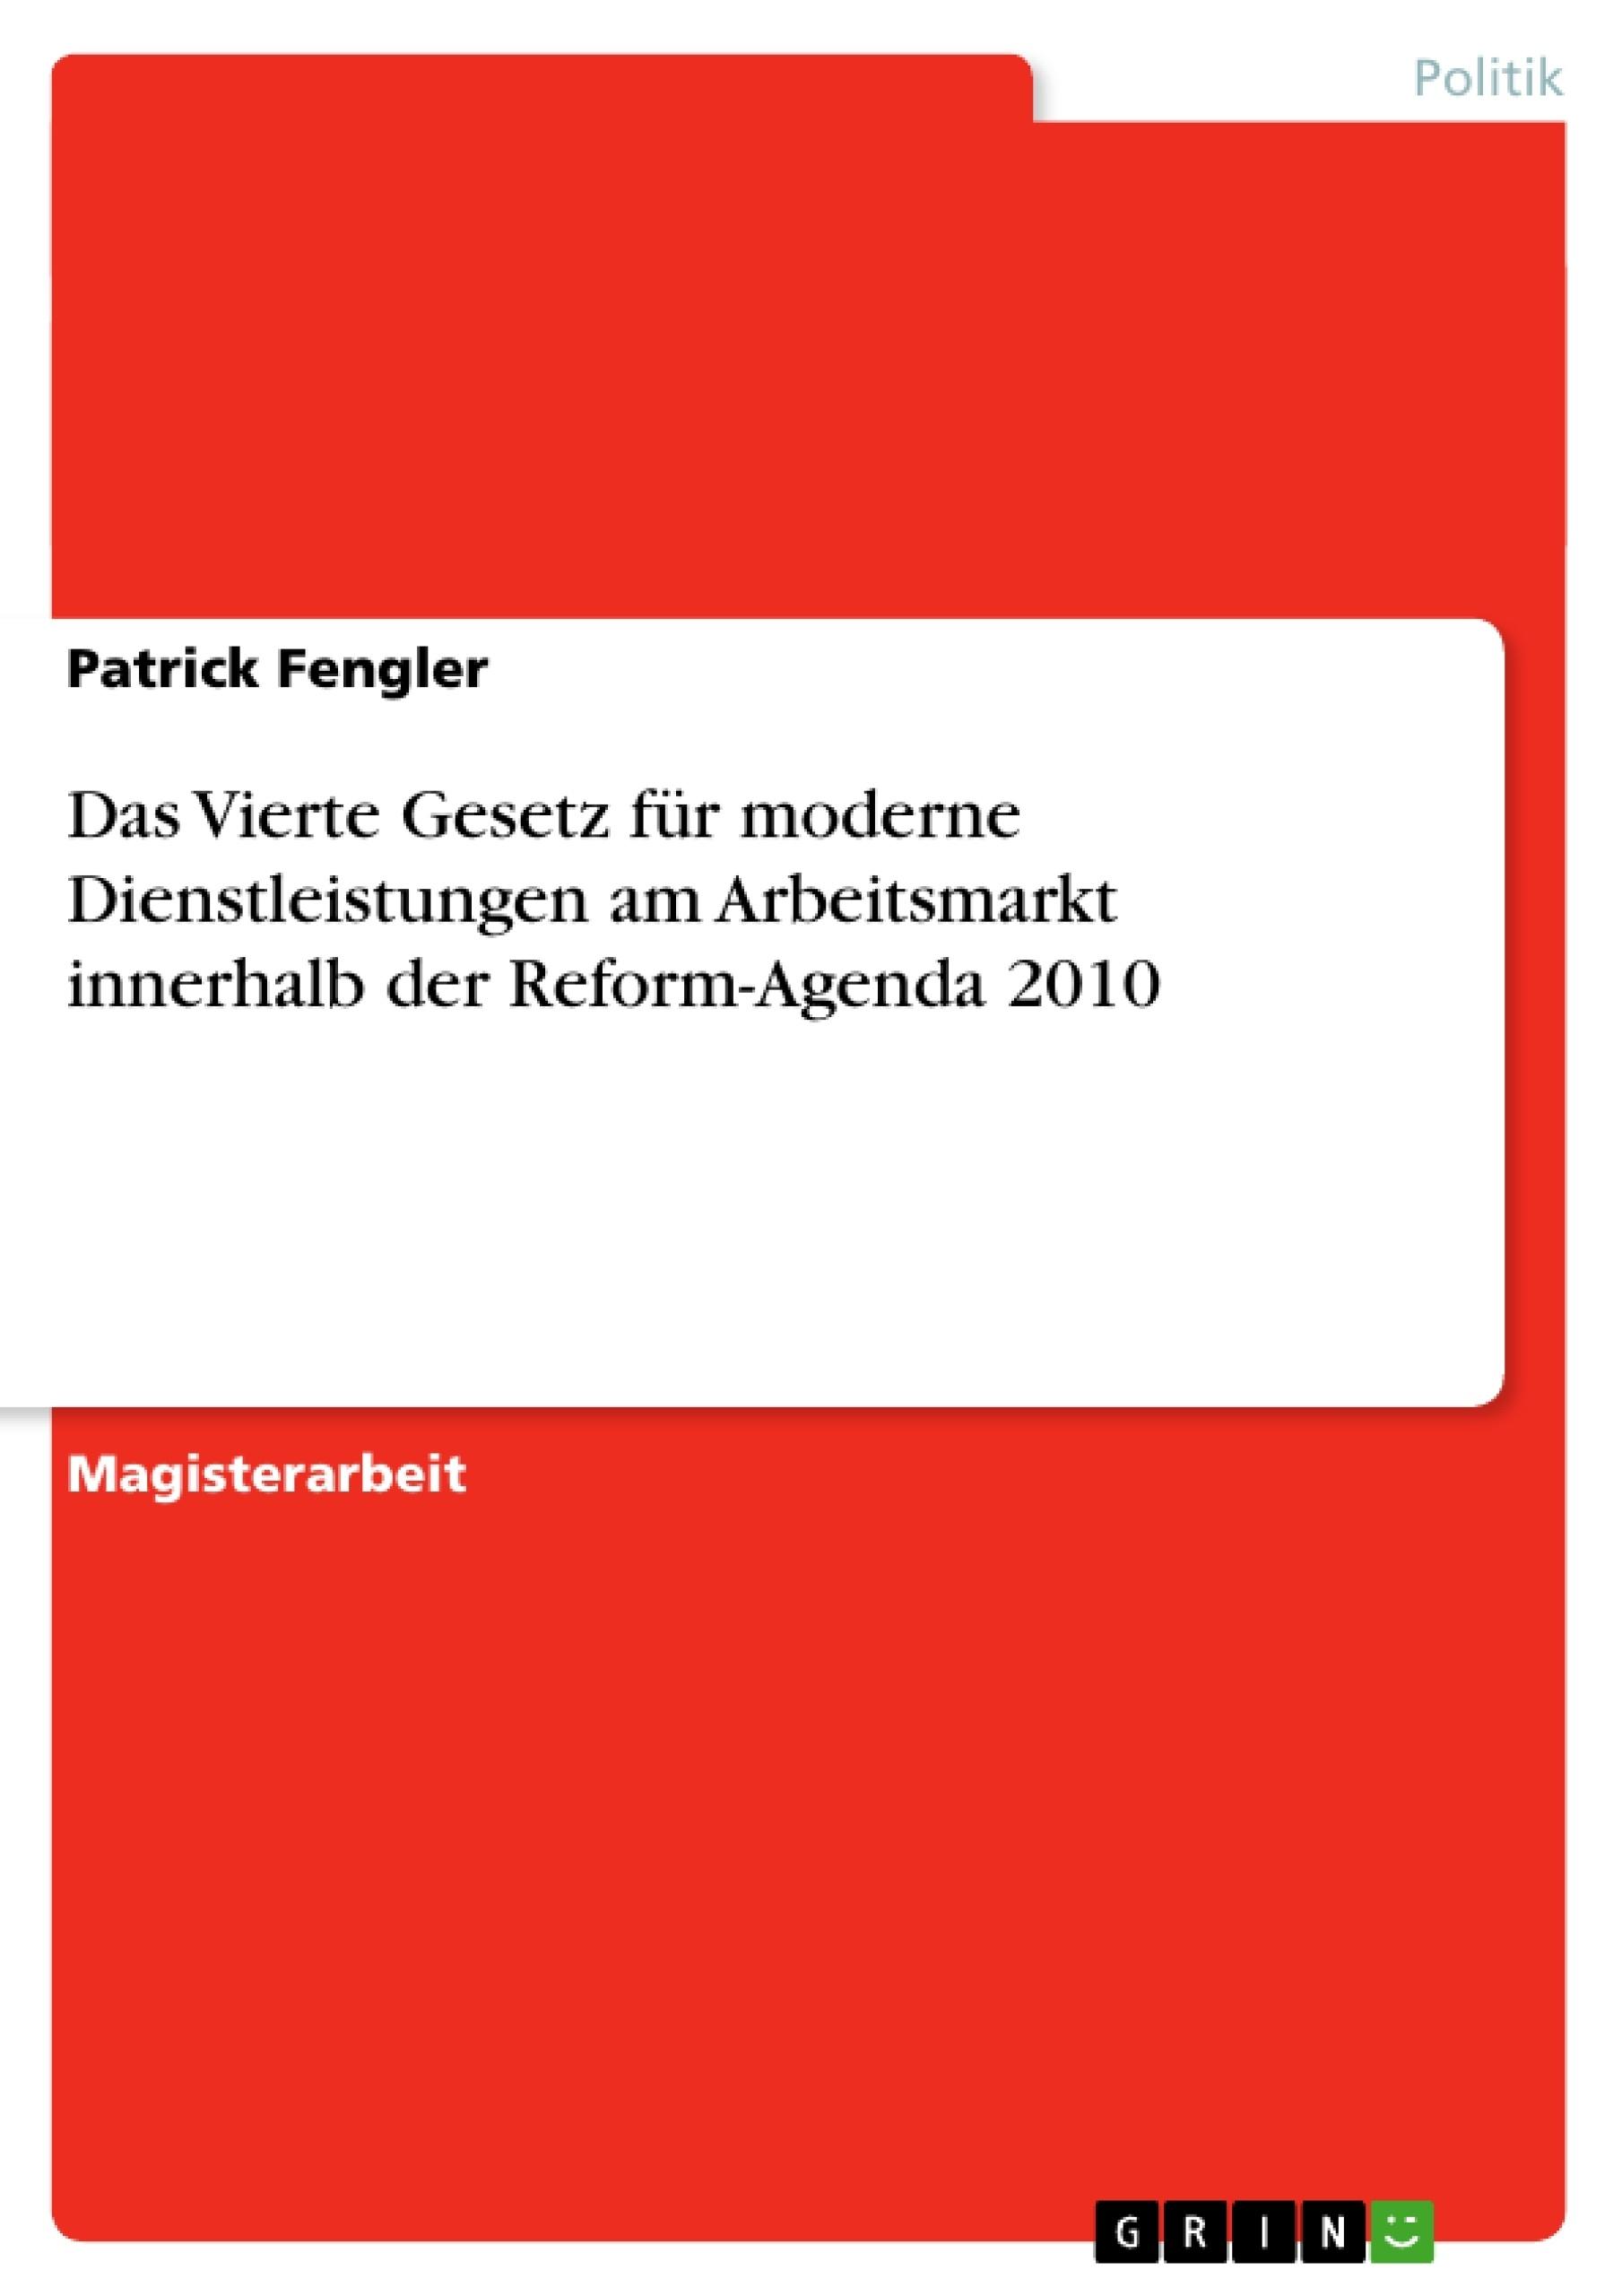 Titel: Das Vierte Gesetz für moderne Dienstleistungen am Arbeitsmarkt innerhalb der Reform-Agenda 2010